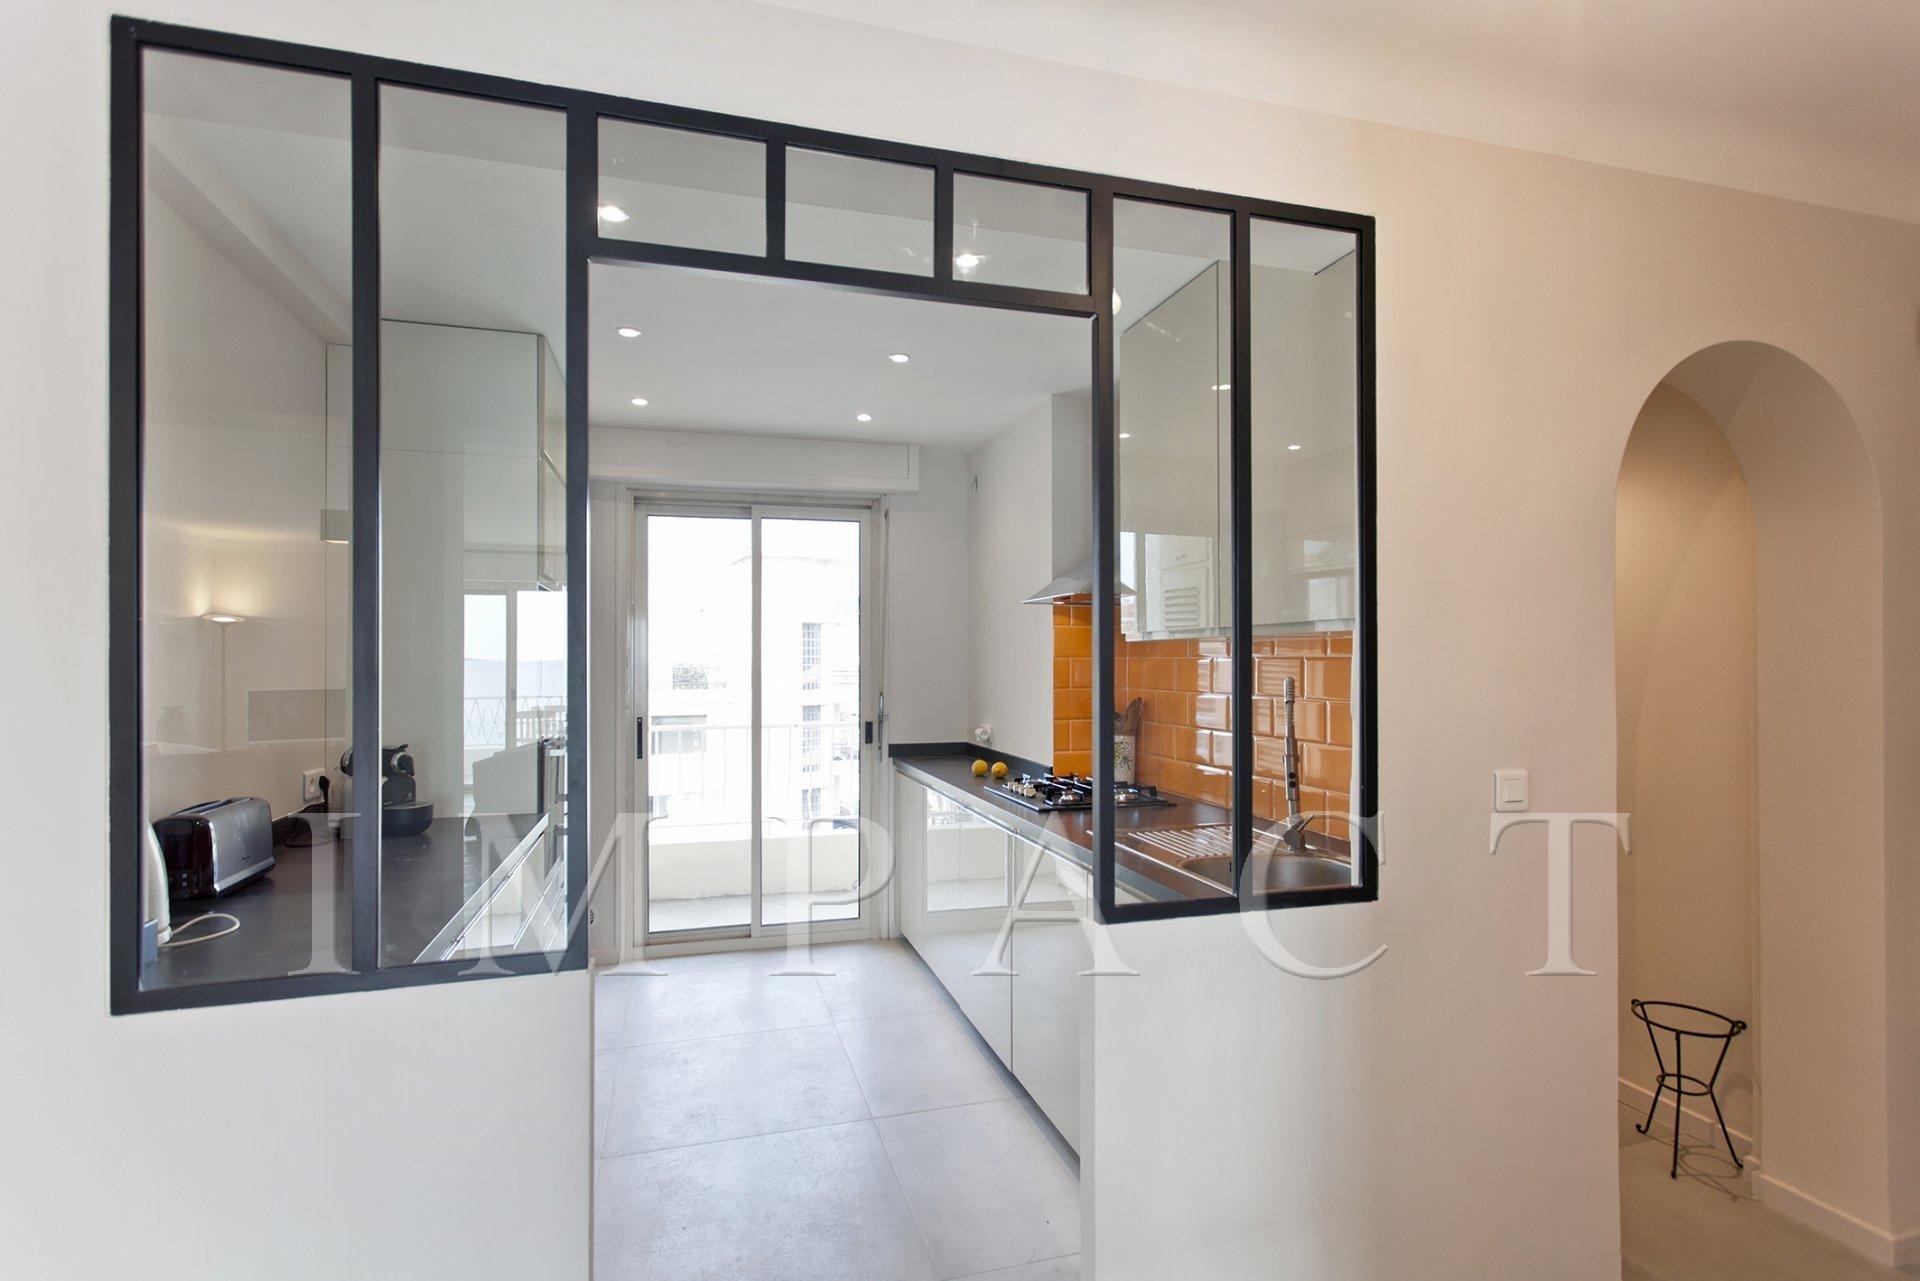 Appartement 3 chambres, vue mer à louer à Cannes